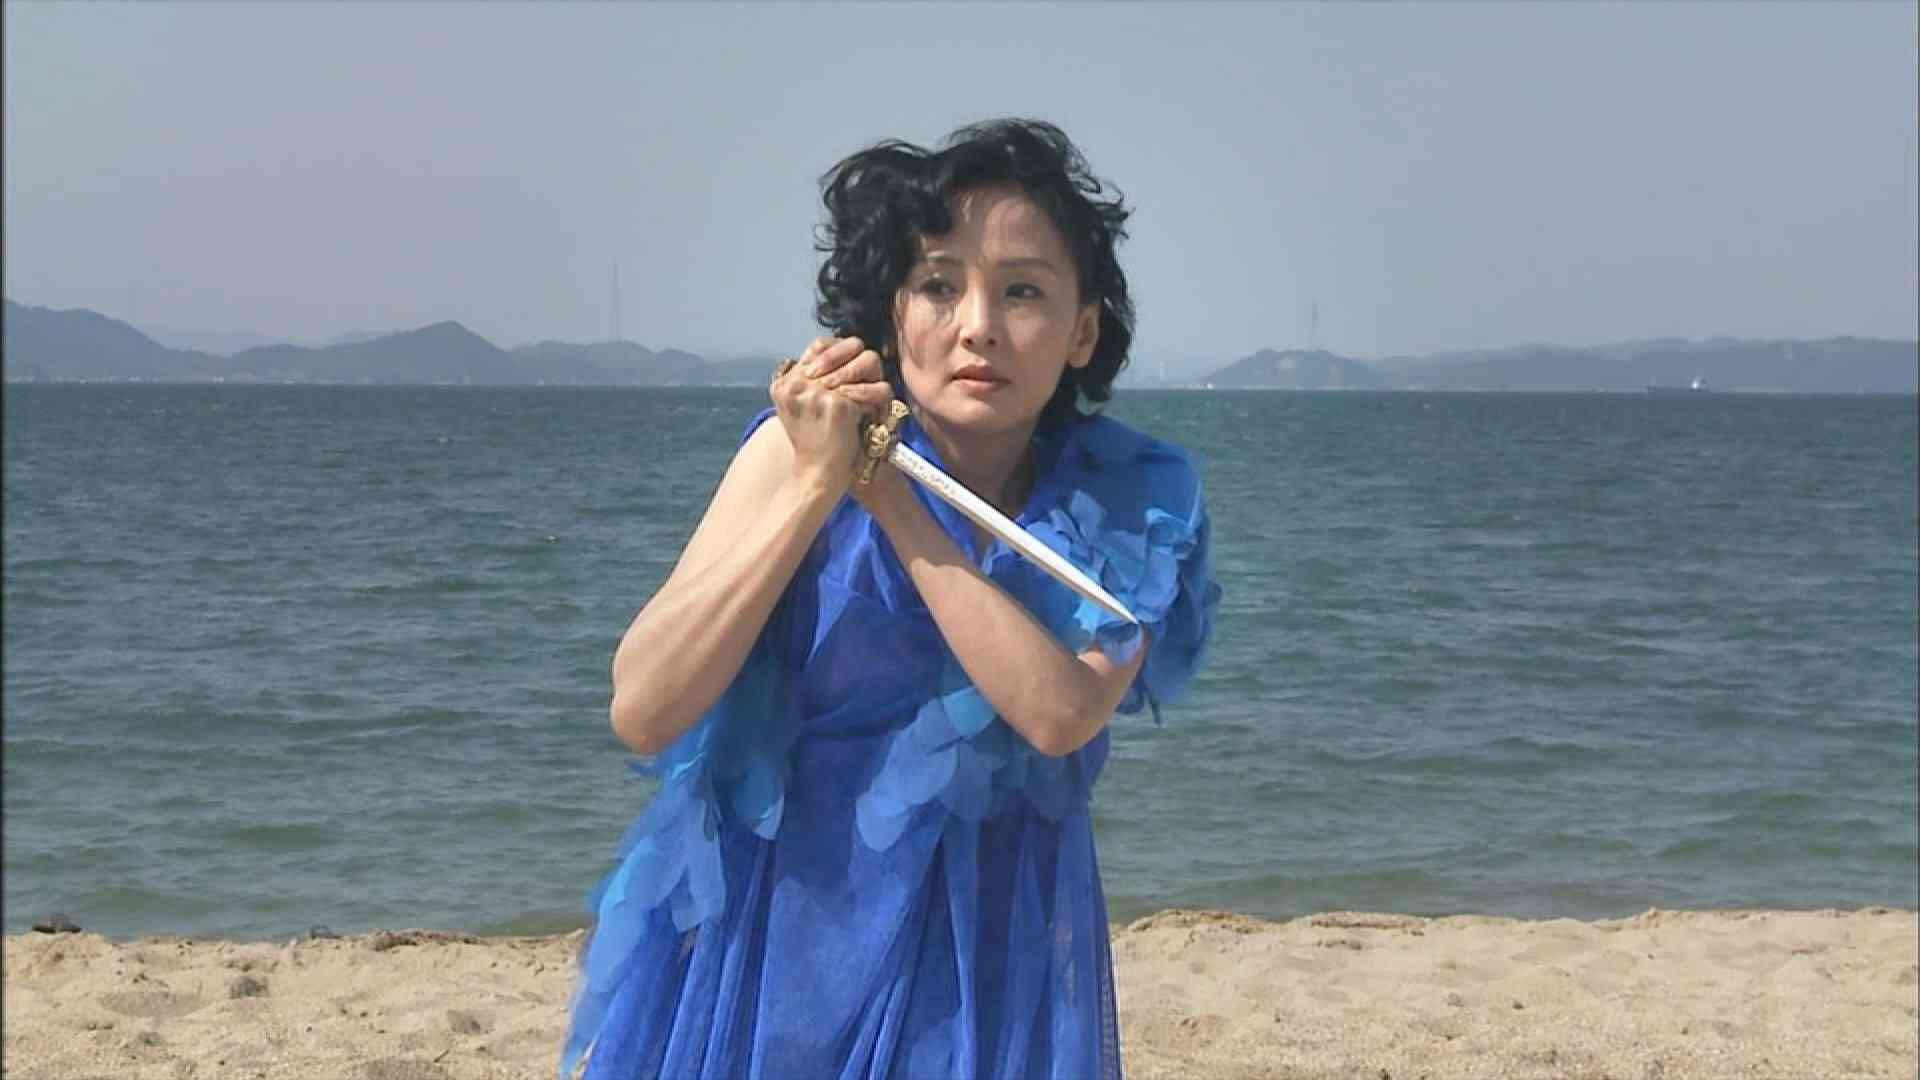 【文春】ハリウッド俳優・渡辺謙の不倫が発覚